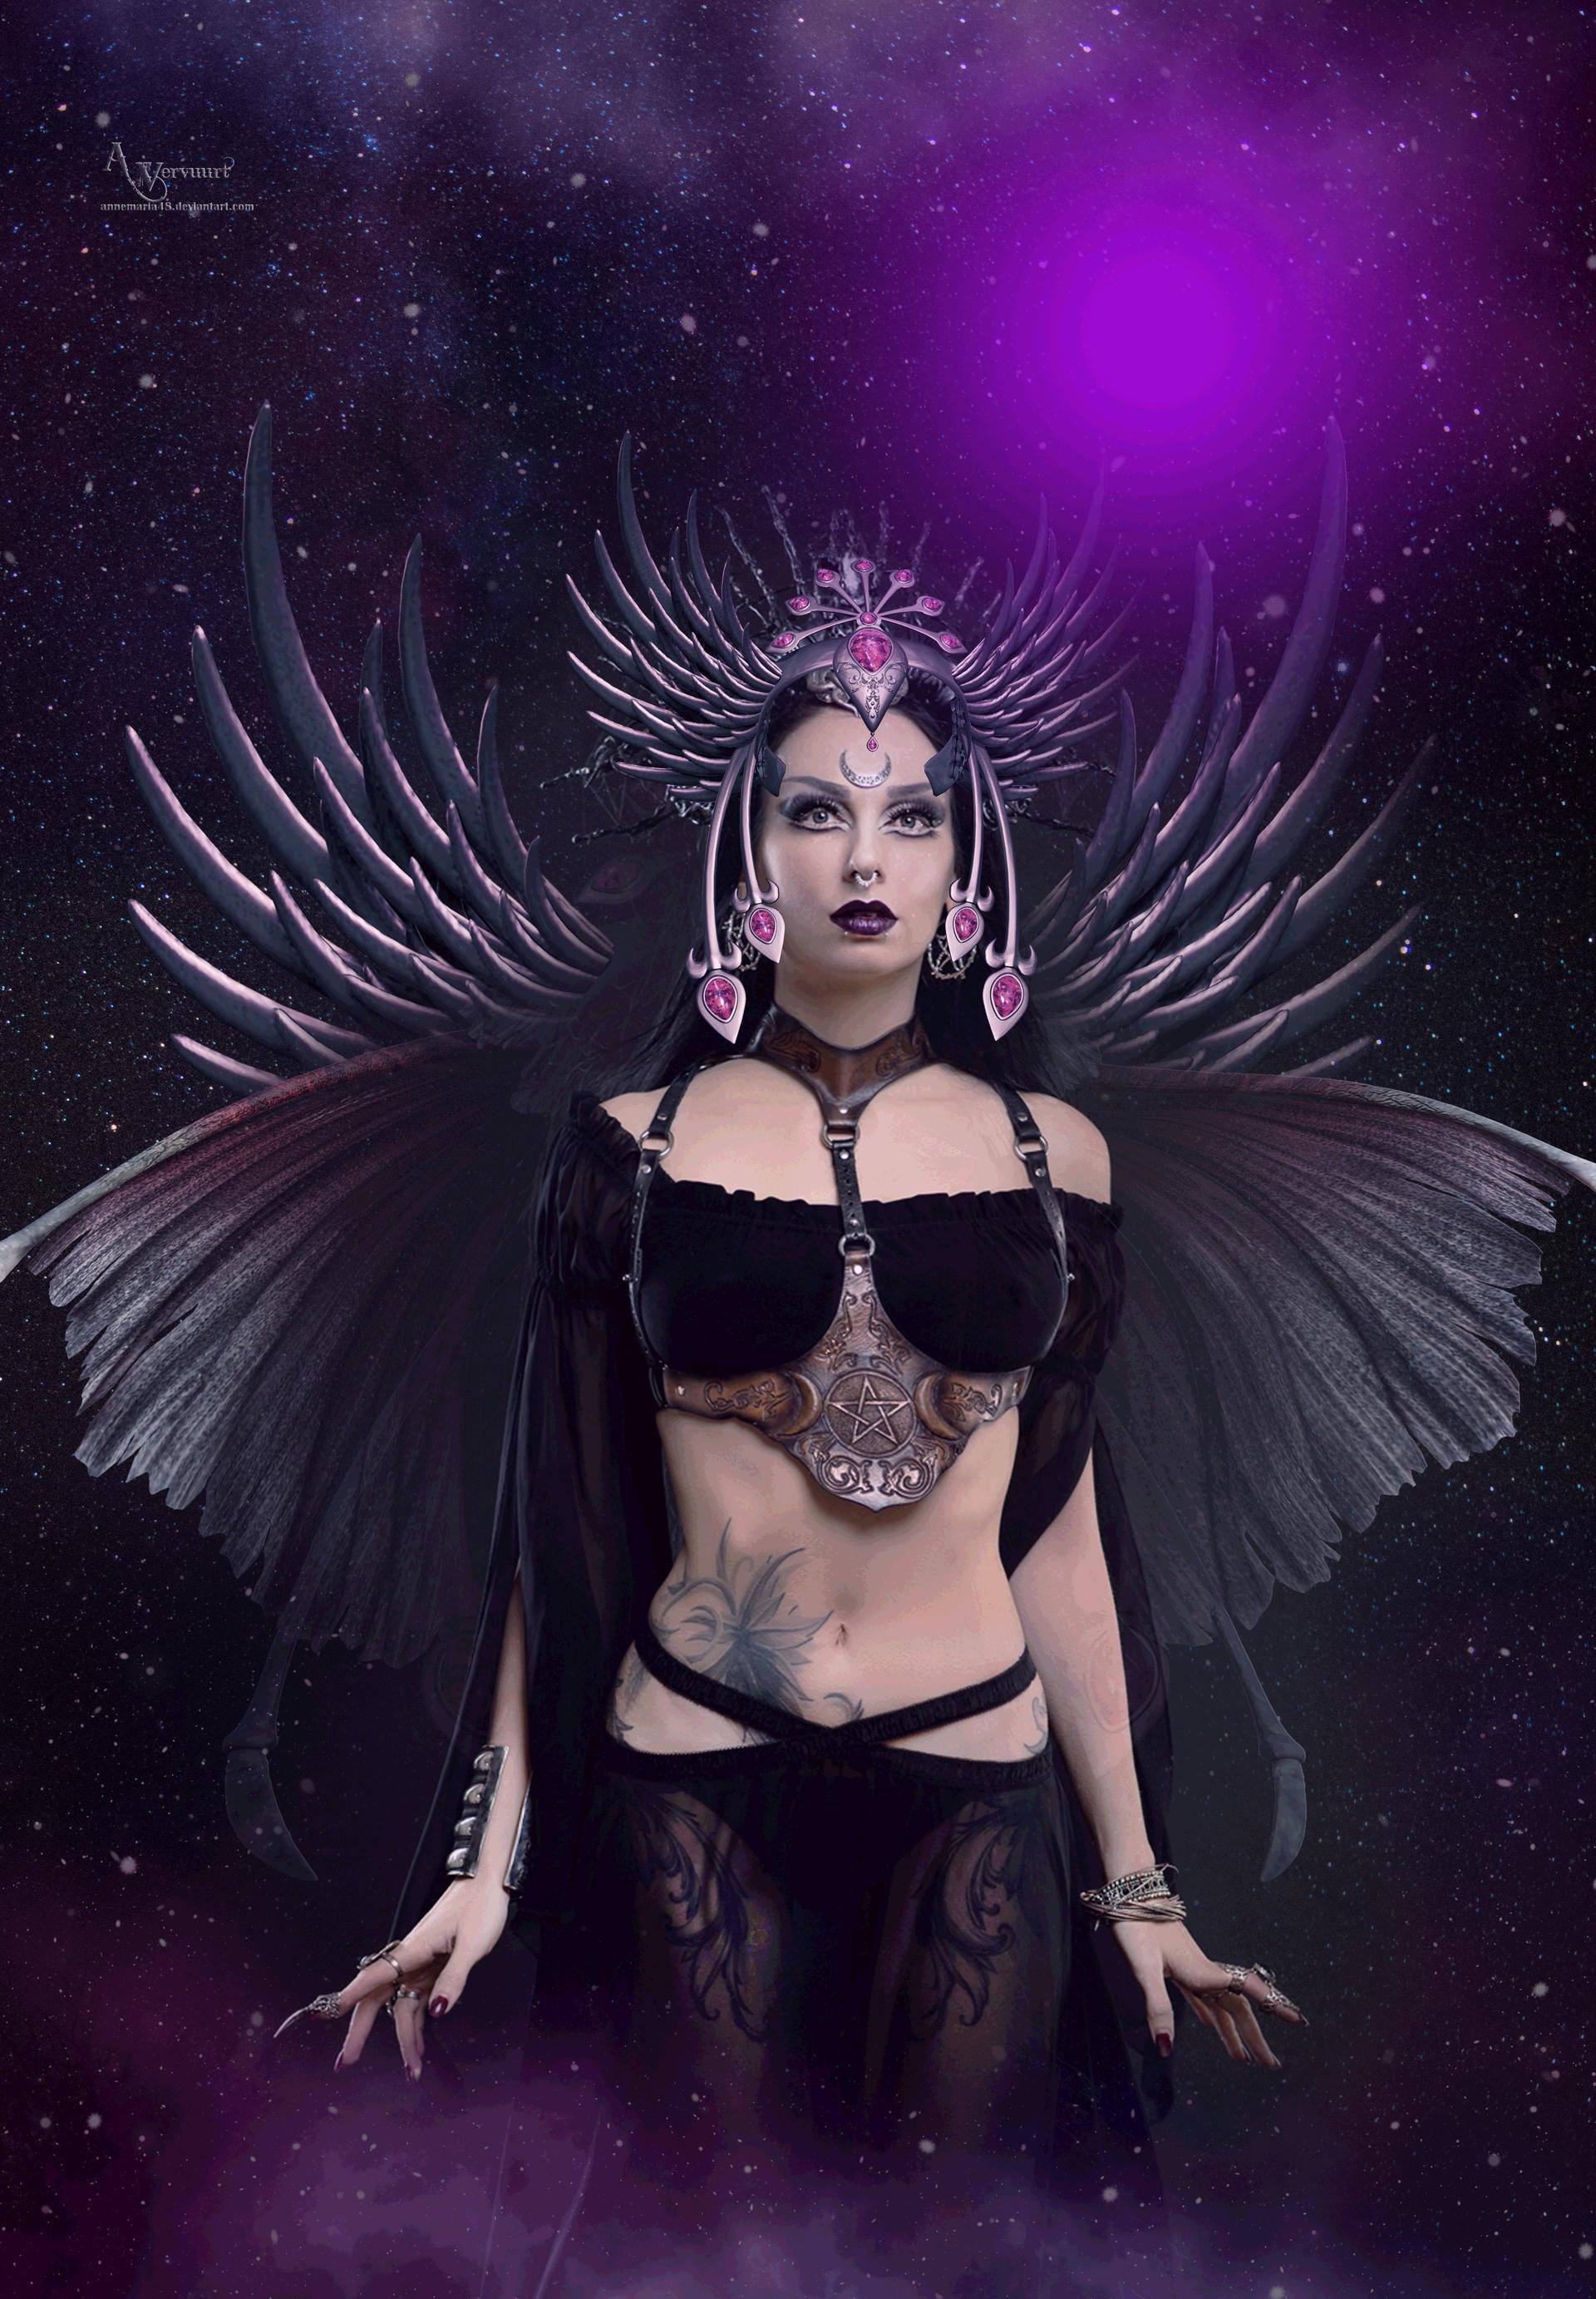 The mermaid in cosmos